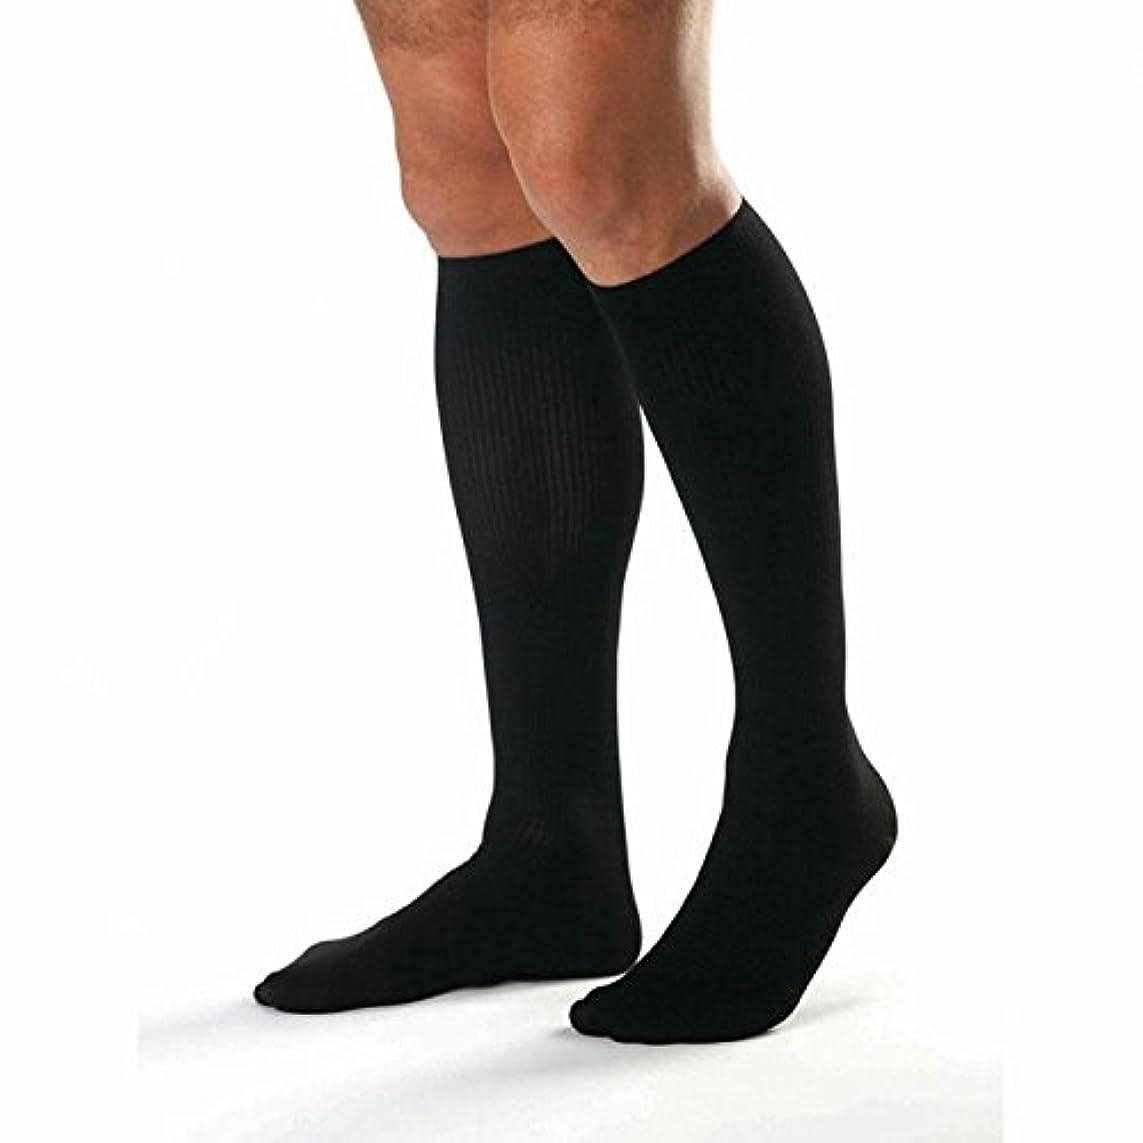 容器ハウス同意Jobst For Men Firm Support Over-the-Calf Dress Socks - Large (20-30mmHg) by Jobst